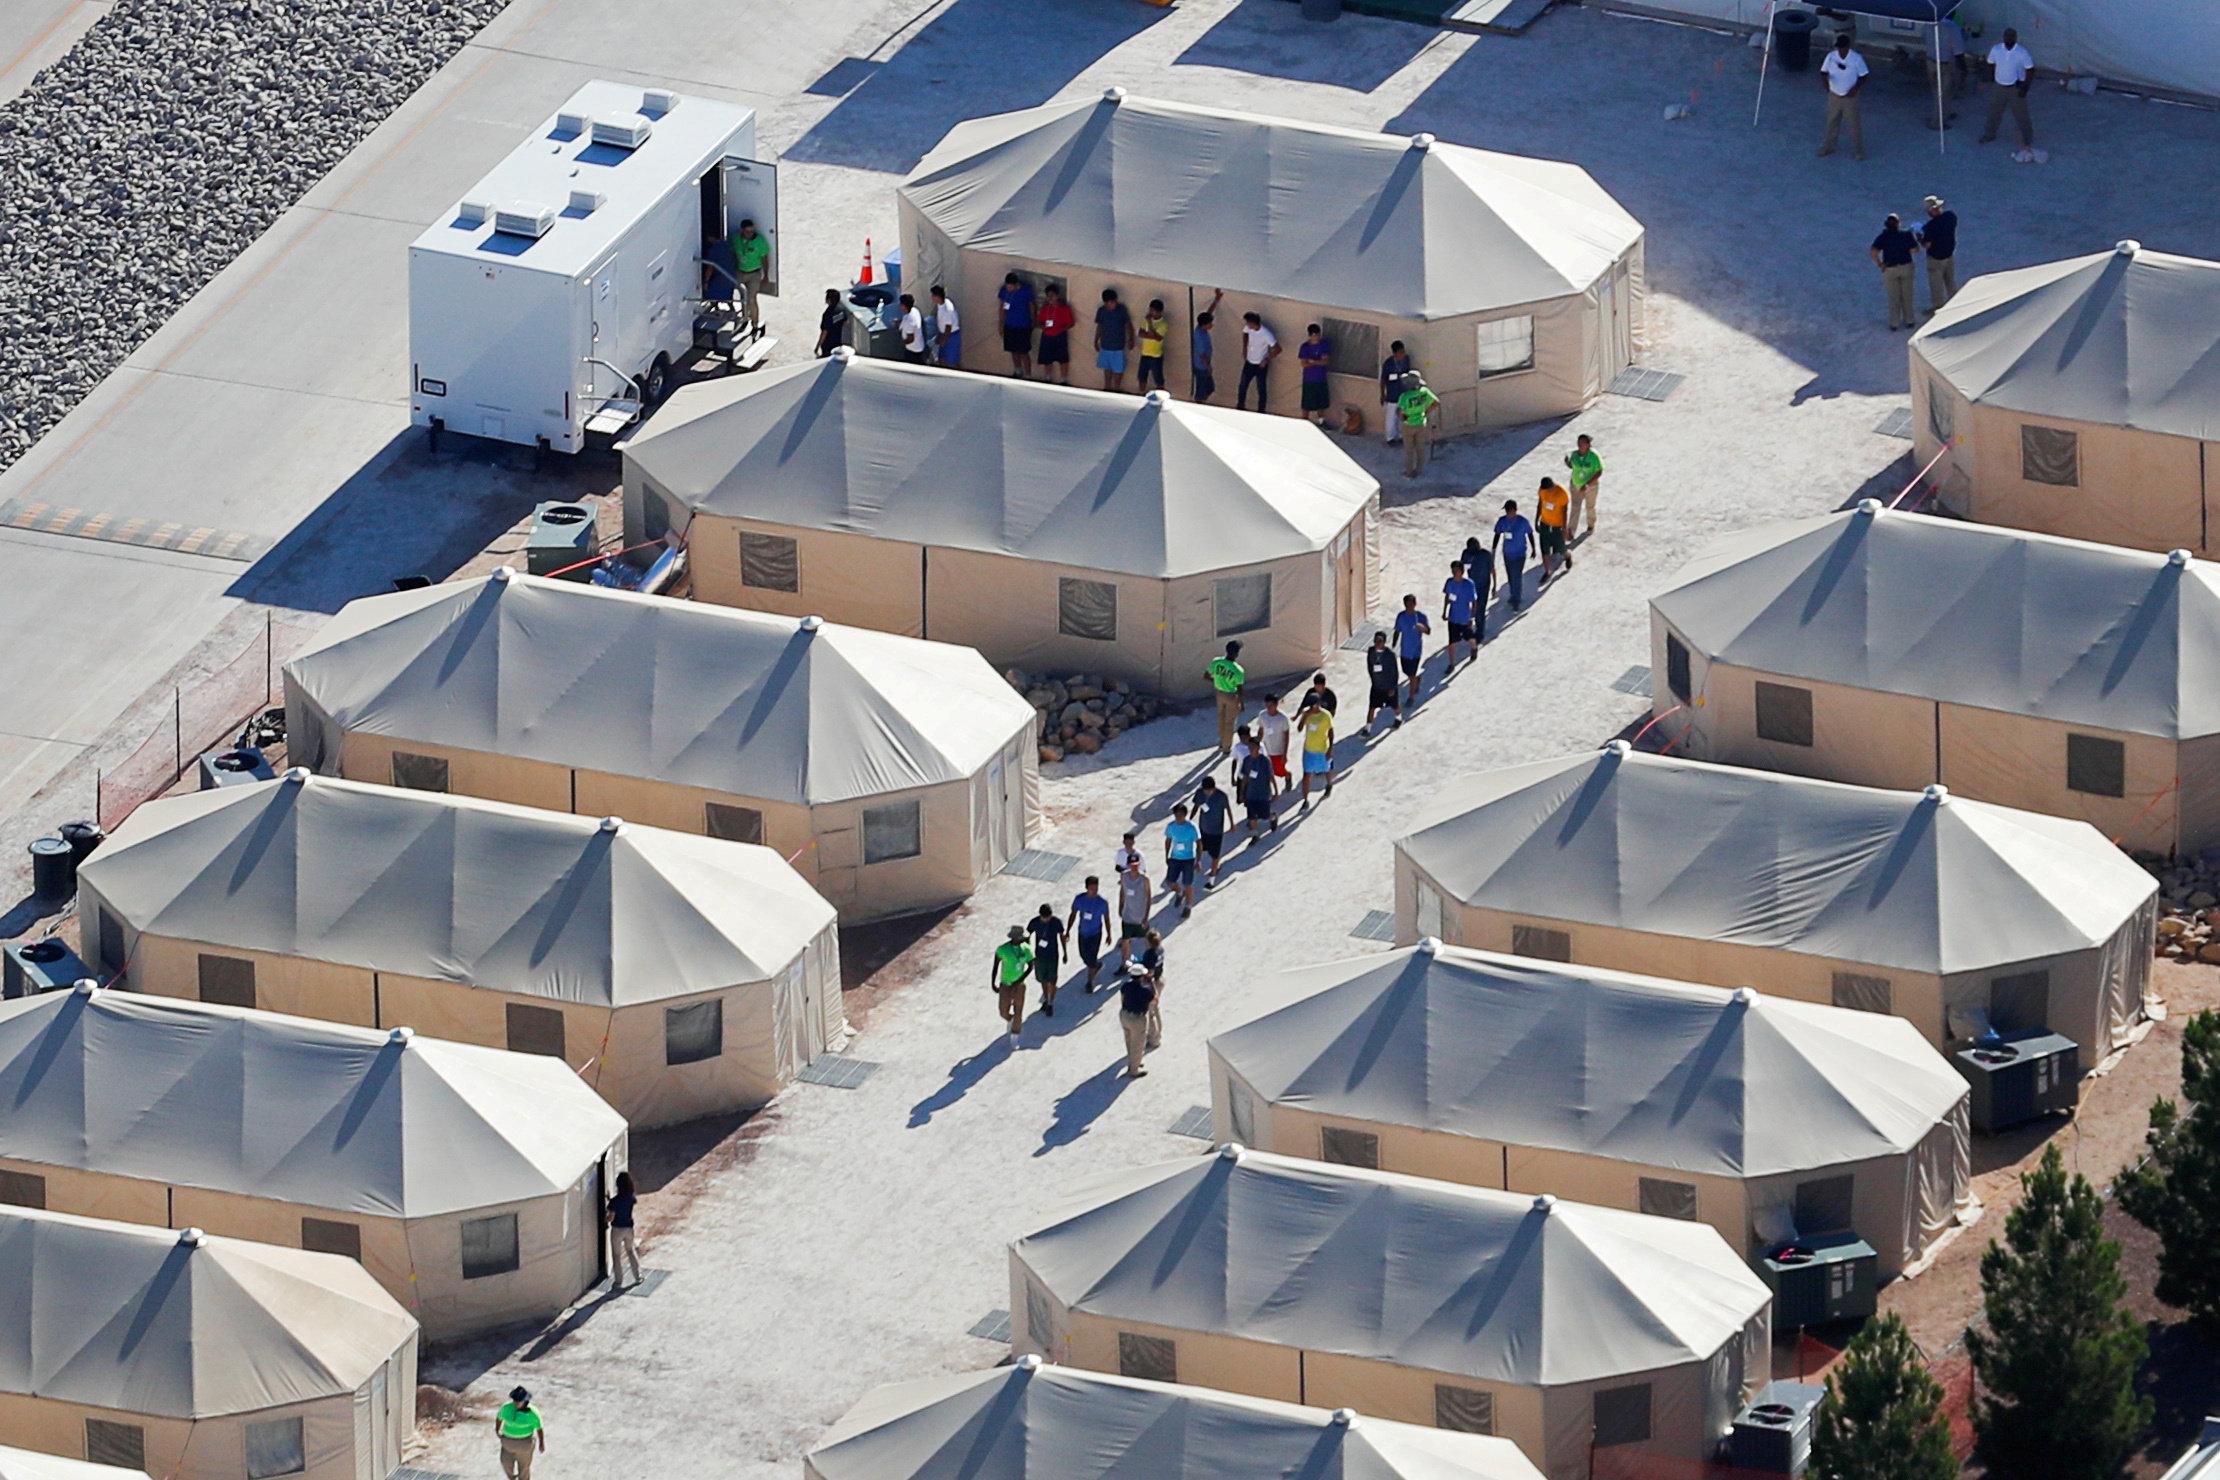 Στις ΗΠΑ του Τραμπ, παιδιά μεταφέρονται κρυφά στην έρημο του Τέξας